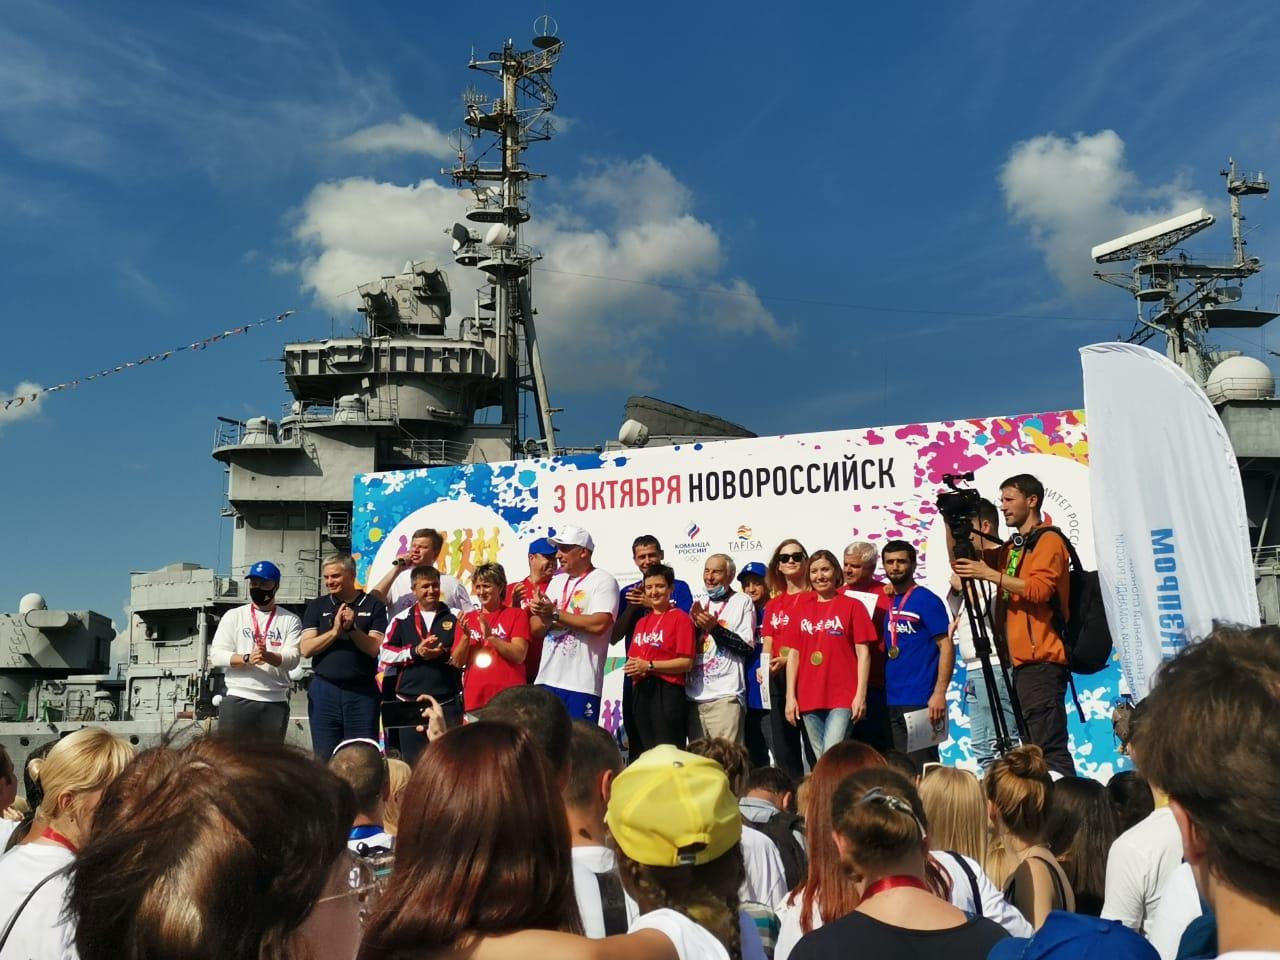 В Новороссийск съехалась мировая спортивная элита и легендарный комментатор Дмитрий Губерниев